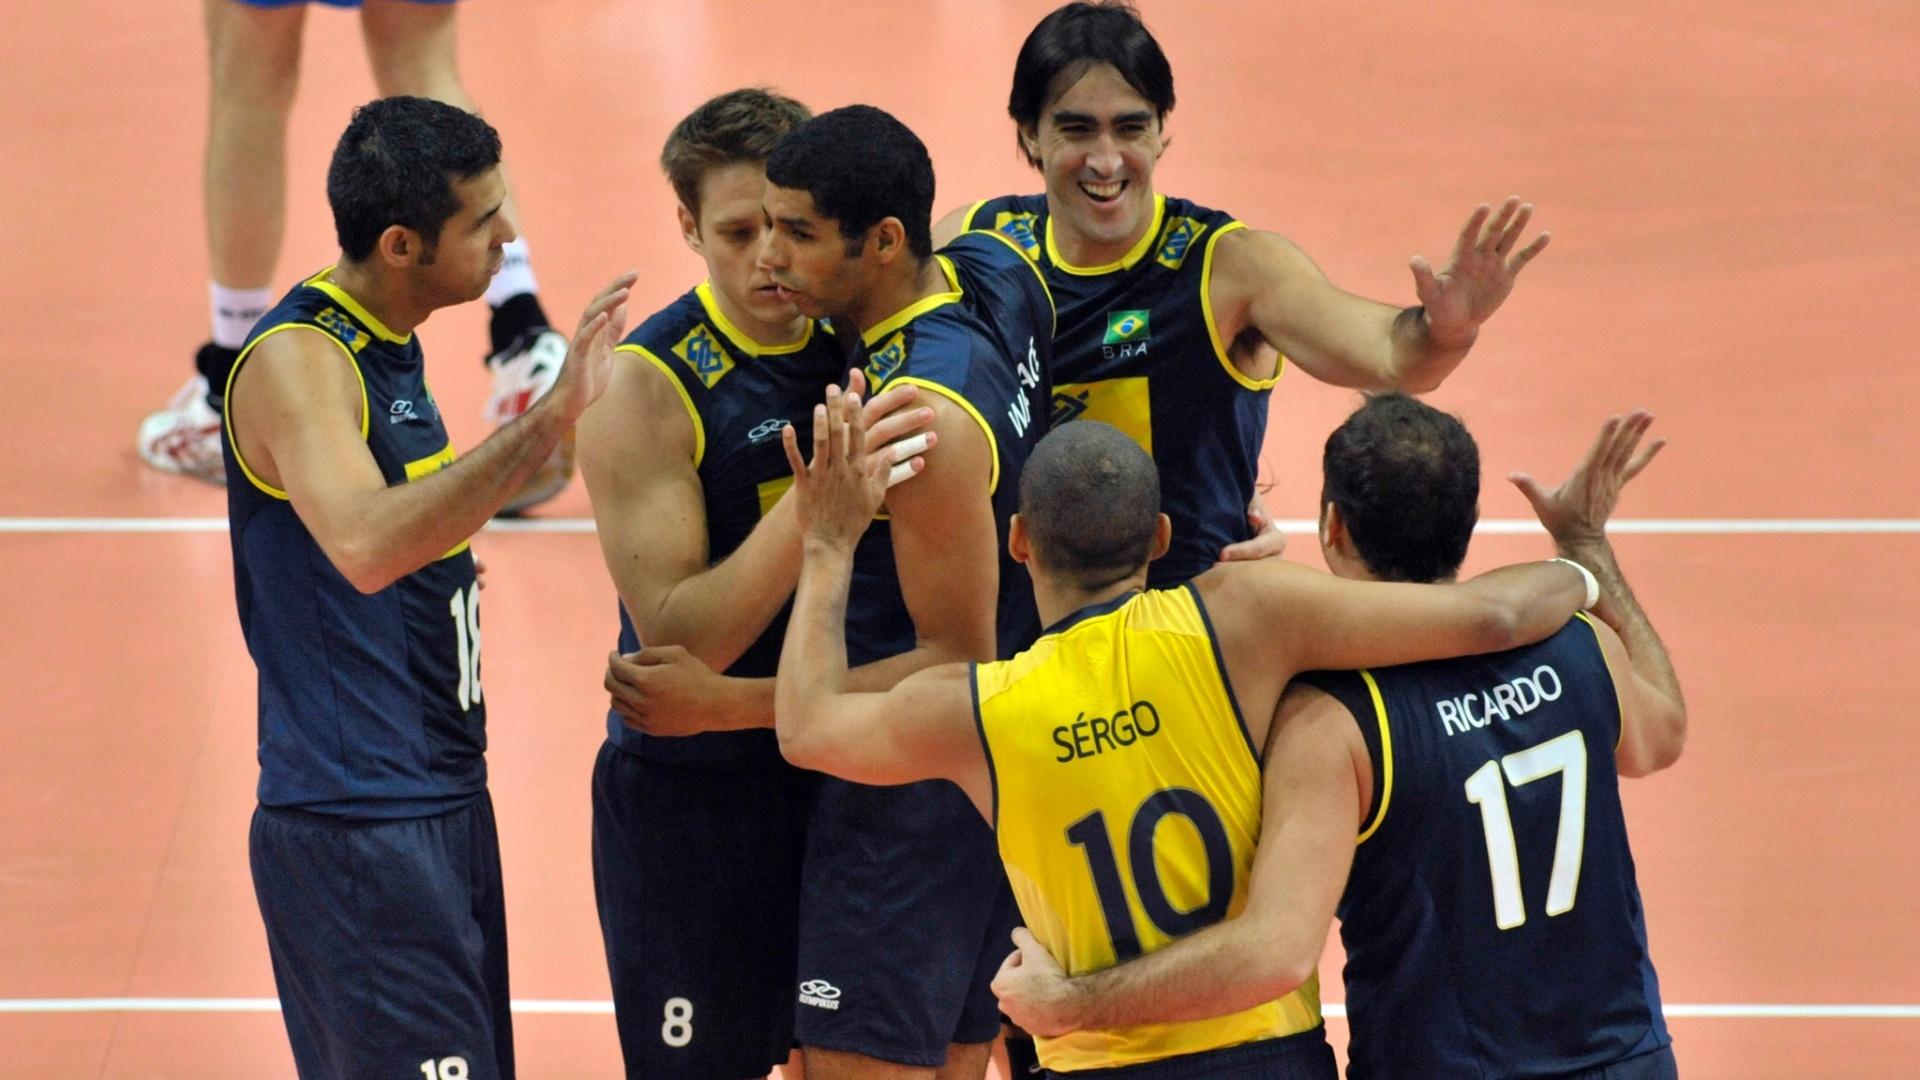 Jogadores brasileiros comemoram ponto durante a fácil vitória contra a Finlândia, na Polônia